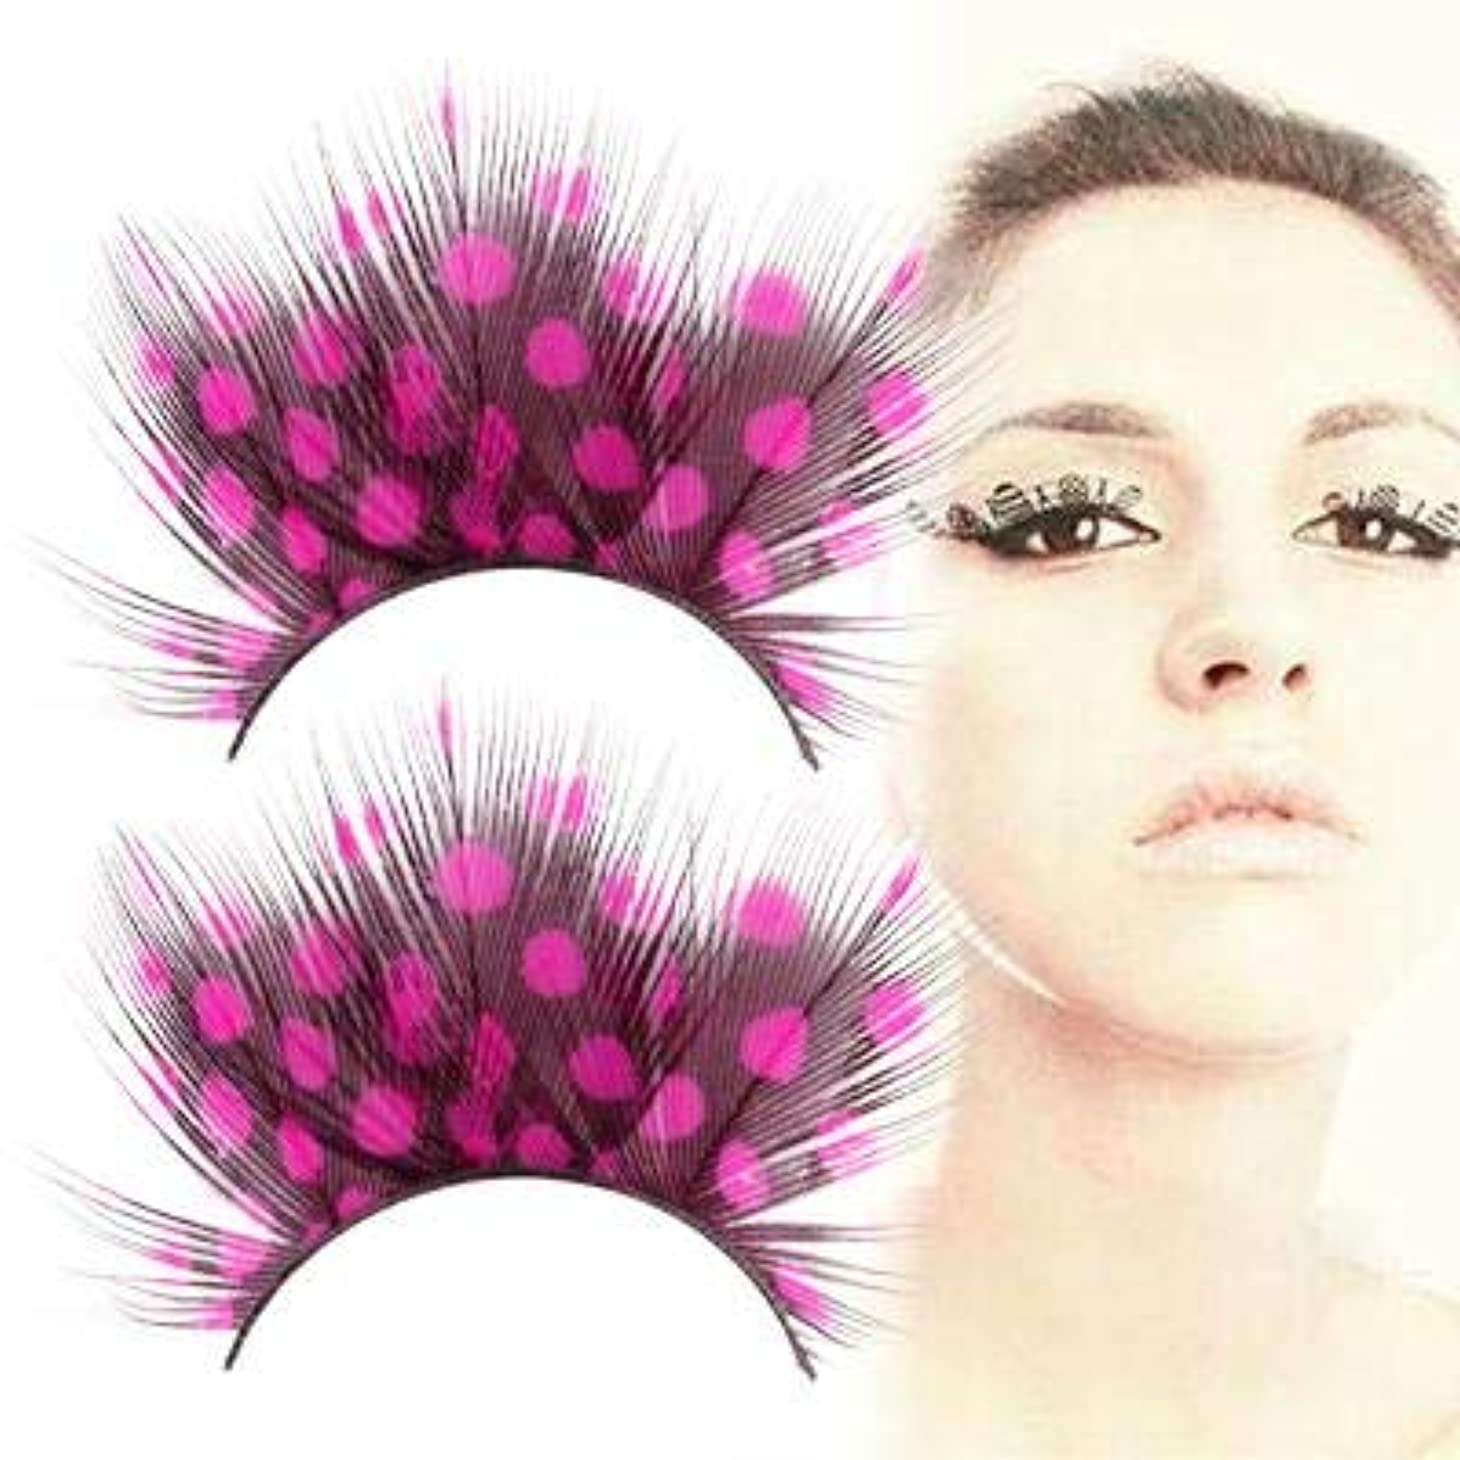 個性経済的四半期美容アクセサリー ペアのスポットデザイン大きな目の偽のまつげ 写真美容アクセサリー (色 : Color1)